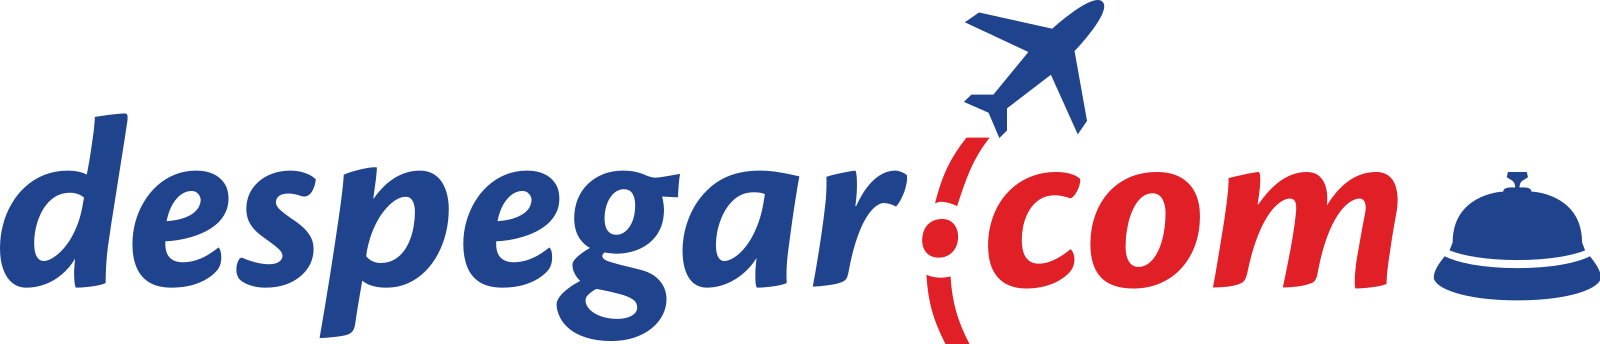 despegar.com logo 2 - Despegar.com Logo